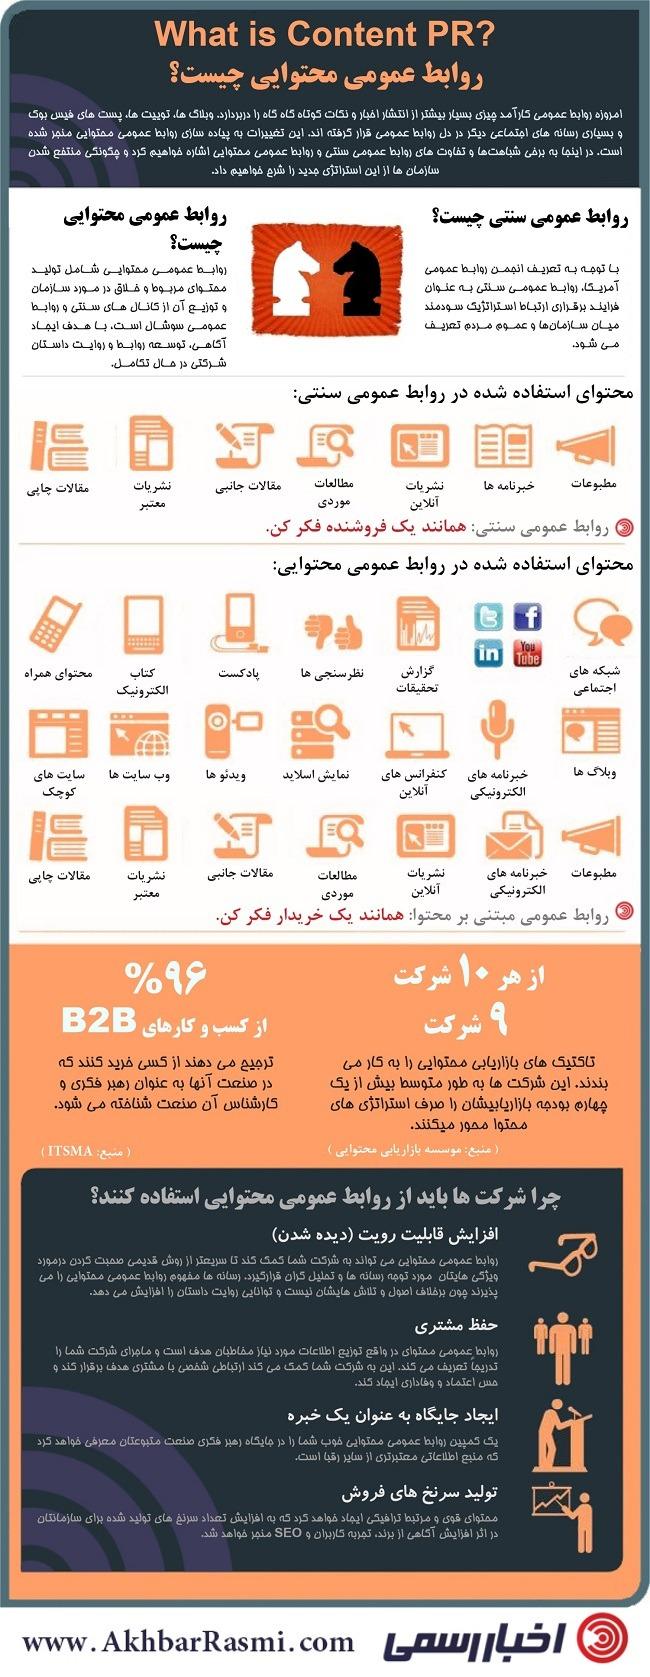 روابط عمومی محتوایی و روابط عمومی سنتی - اخبار رسمی